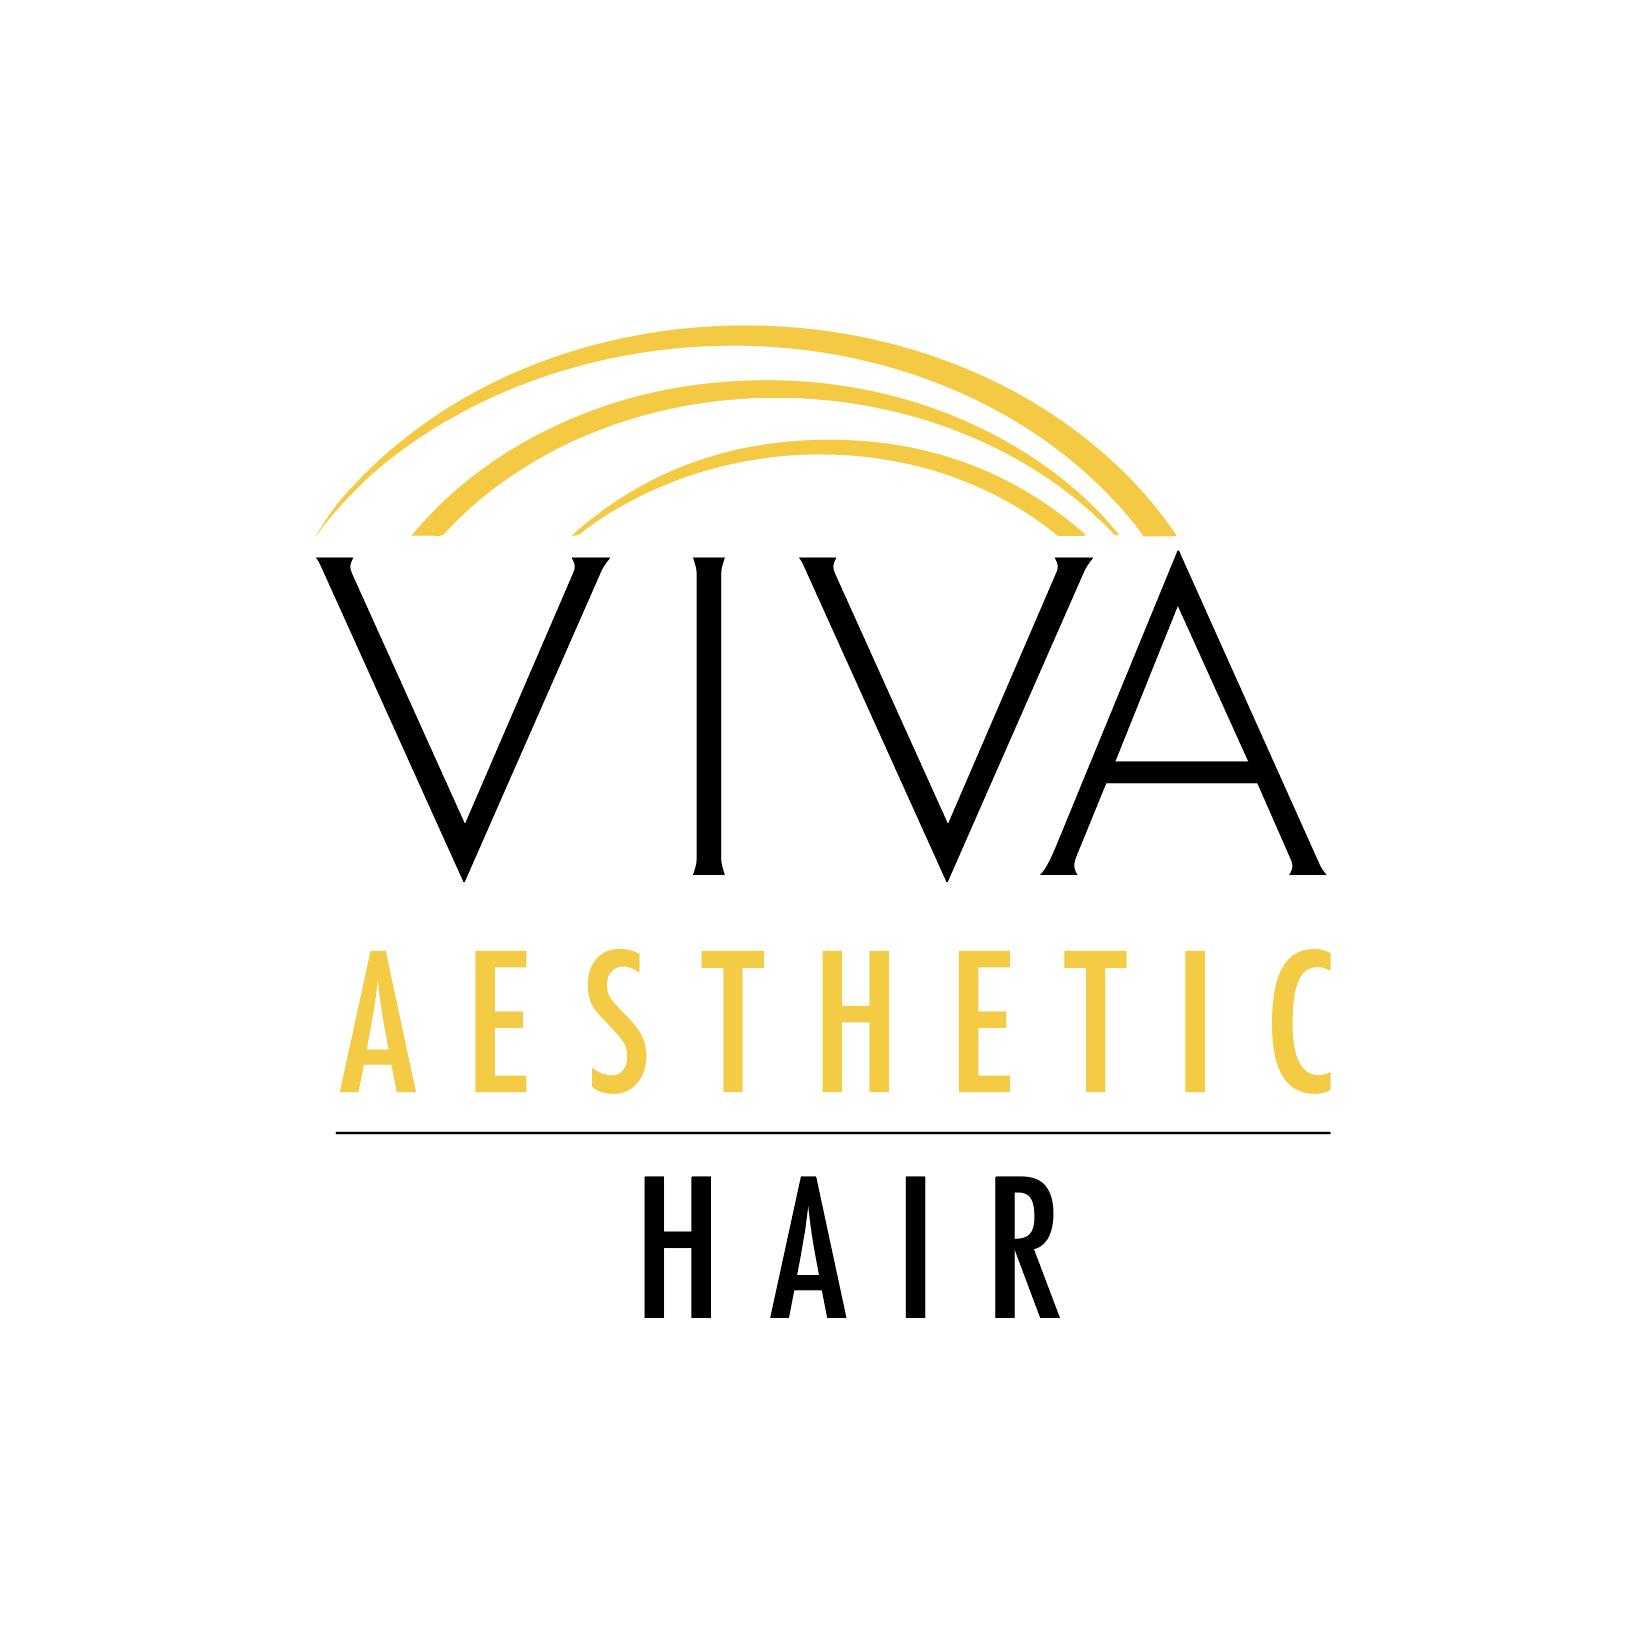 VIVA Aesthetic Hair GmbH